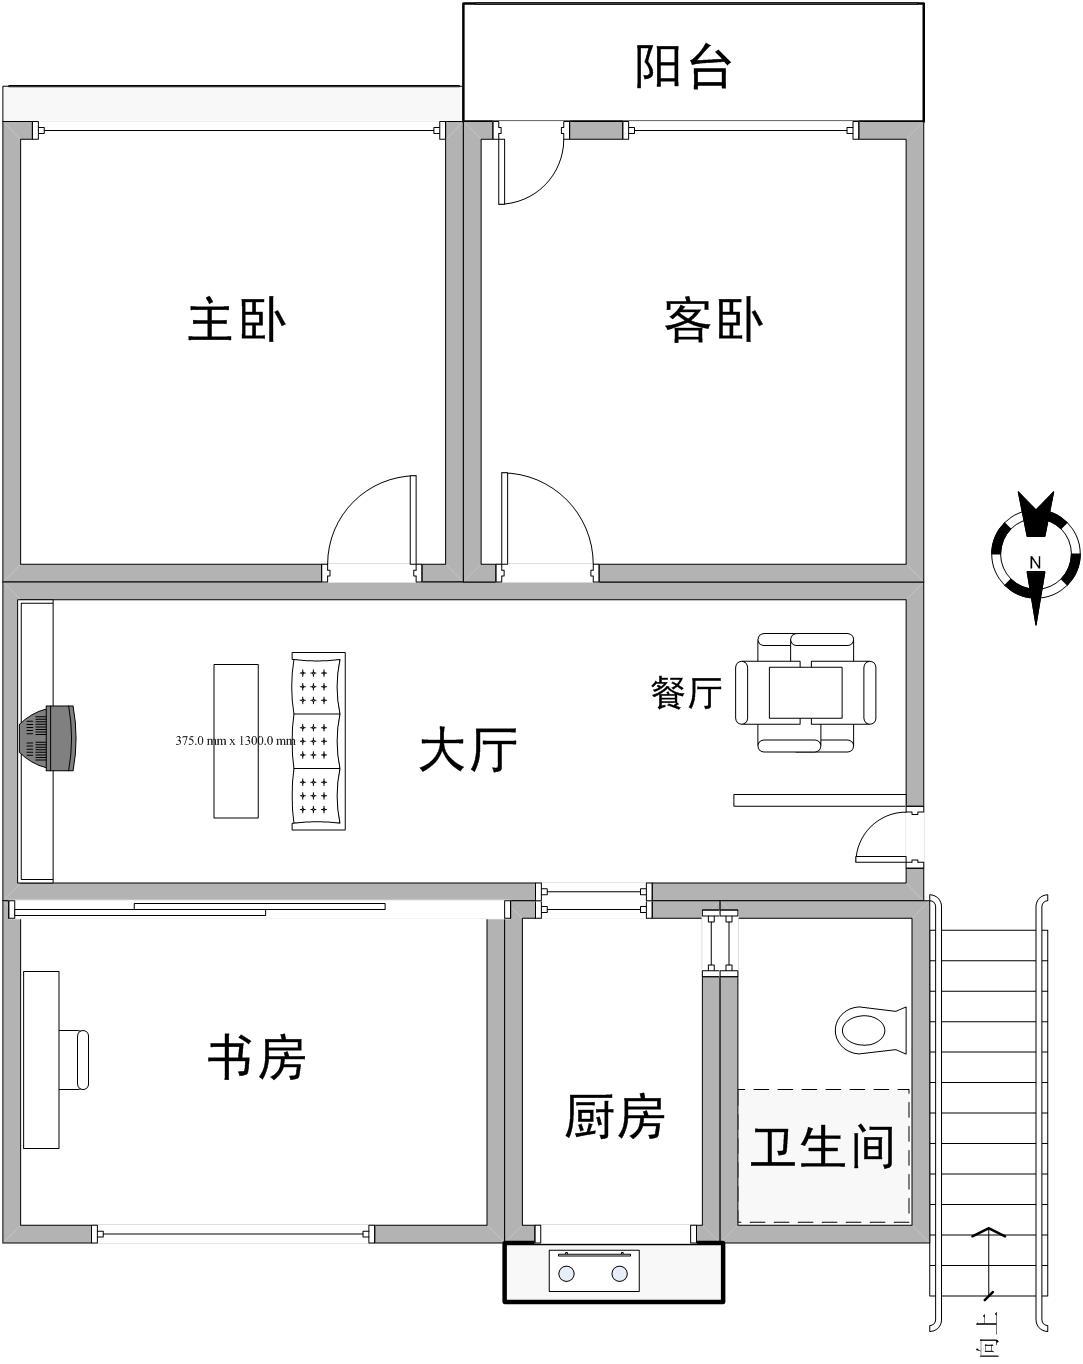 房屋座北朝南,兩梯六層24戶,底層為雜物間,此戶型位于三樓中間303室圖片